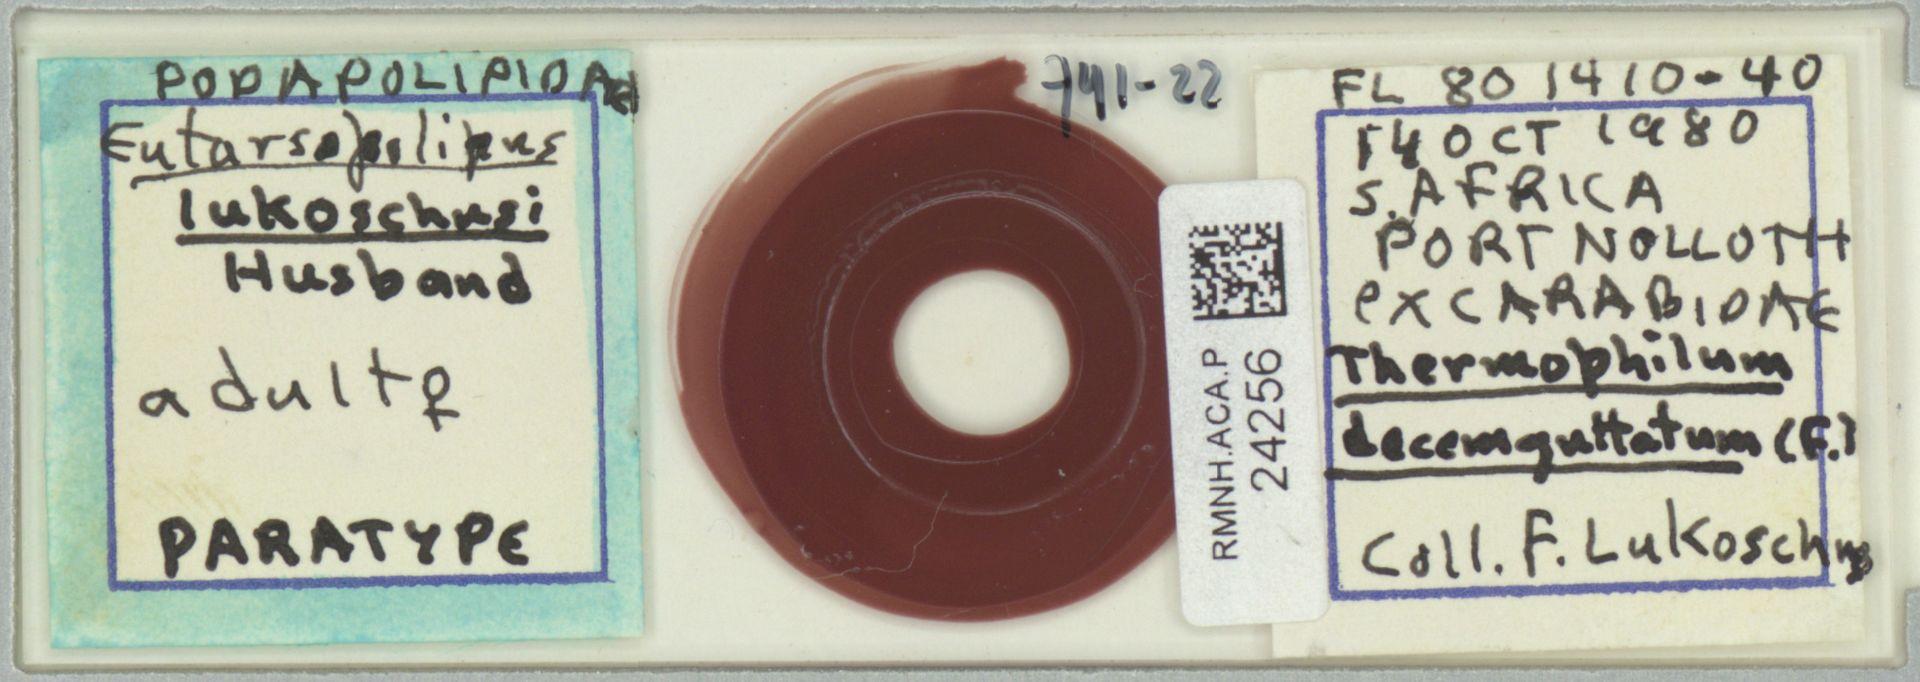 RMNH.ACA.P.24256 | Eutarsopolipus lukoschusi Husband